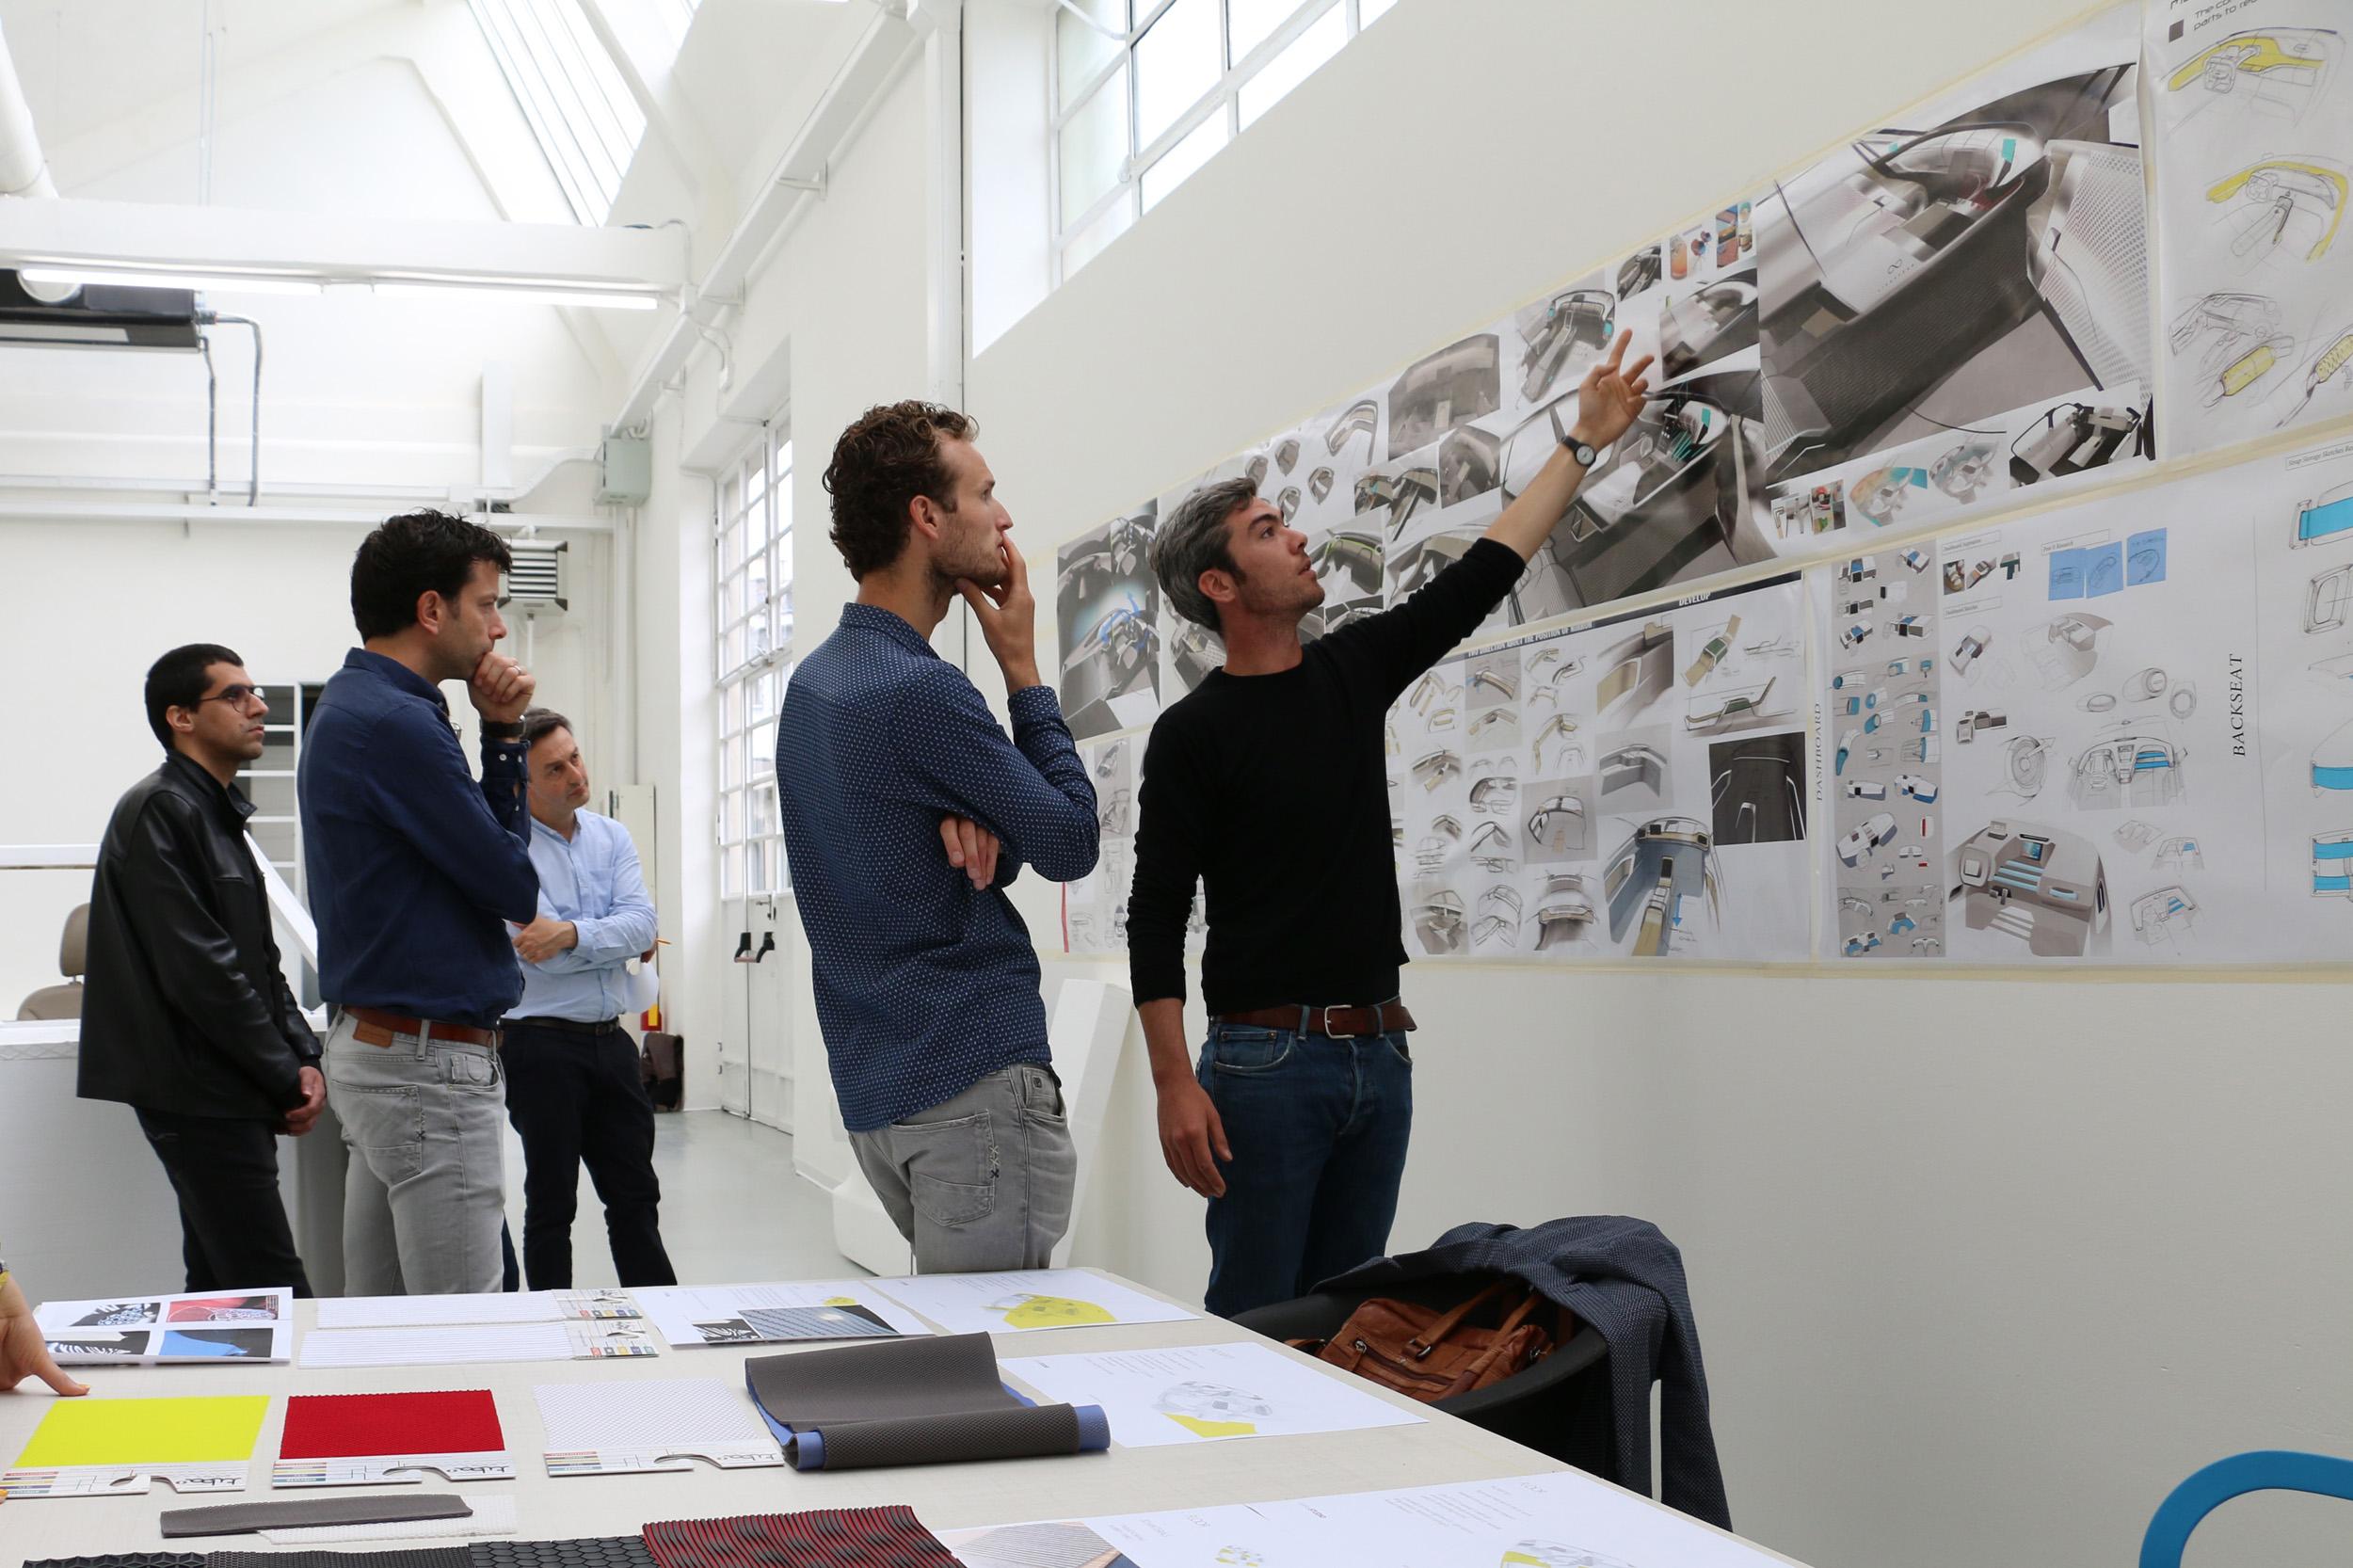 01_Design Discussion Rocco Carrieri Virgilio Fernandez Koen Van Ham.jpg